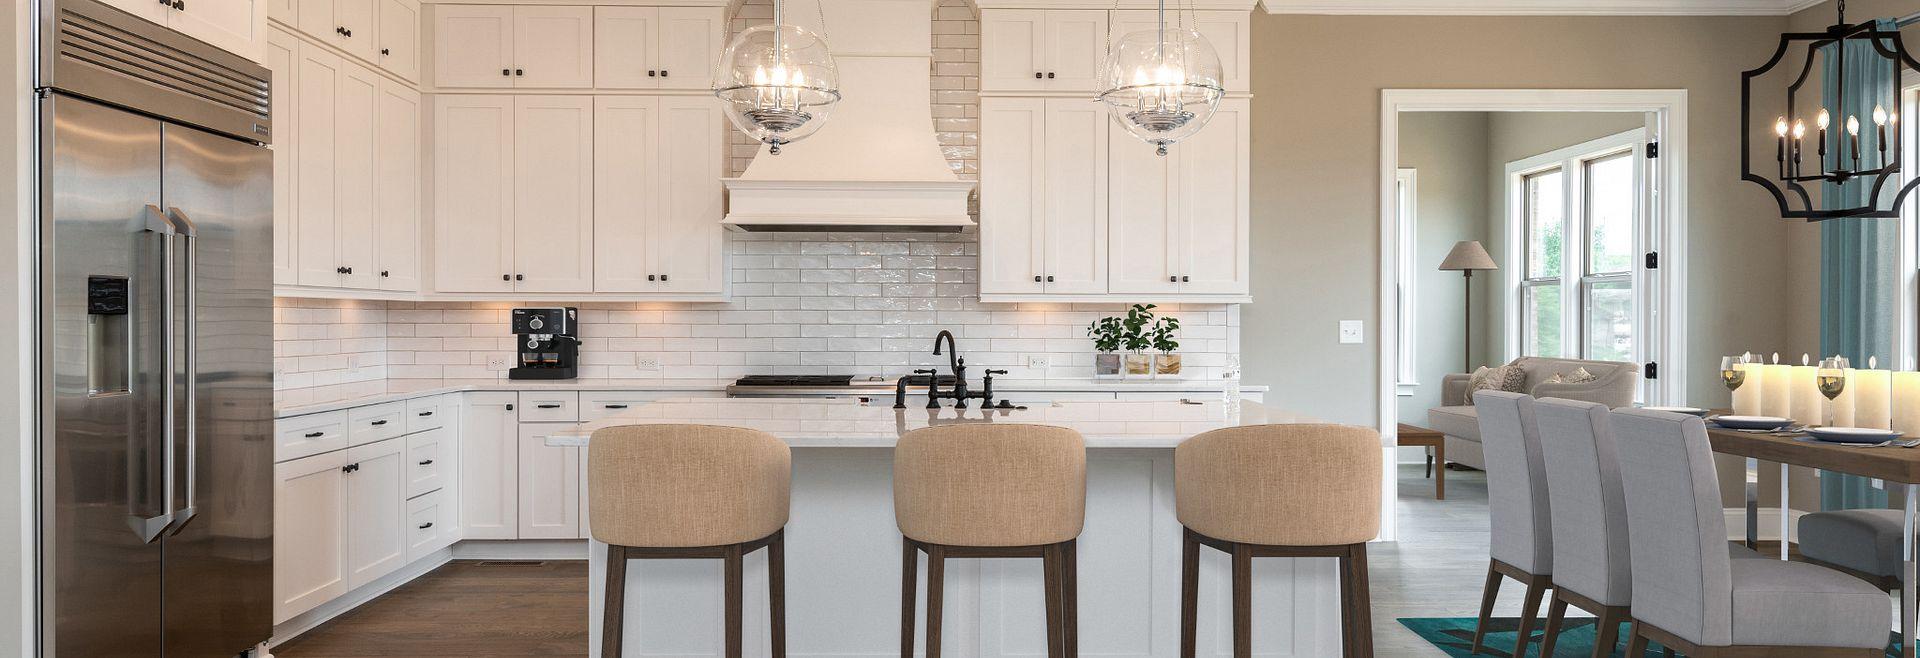 Kingsley plan Kitchen & Breakfast Room